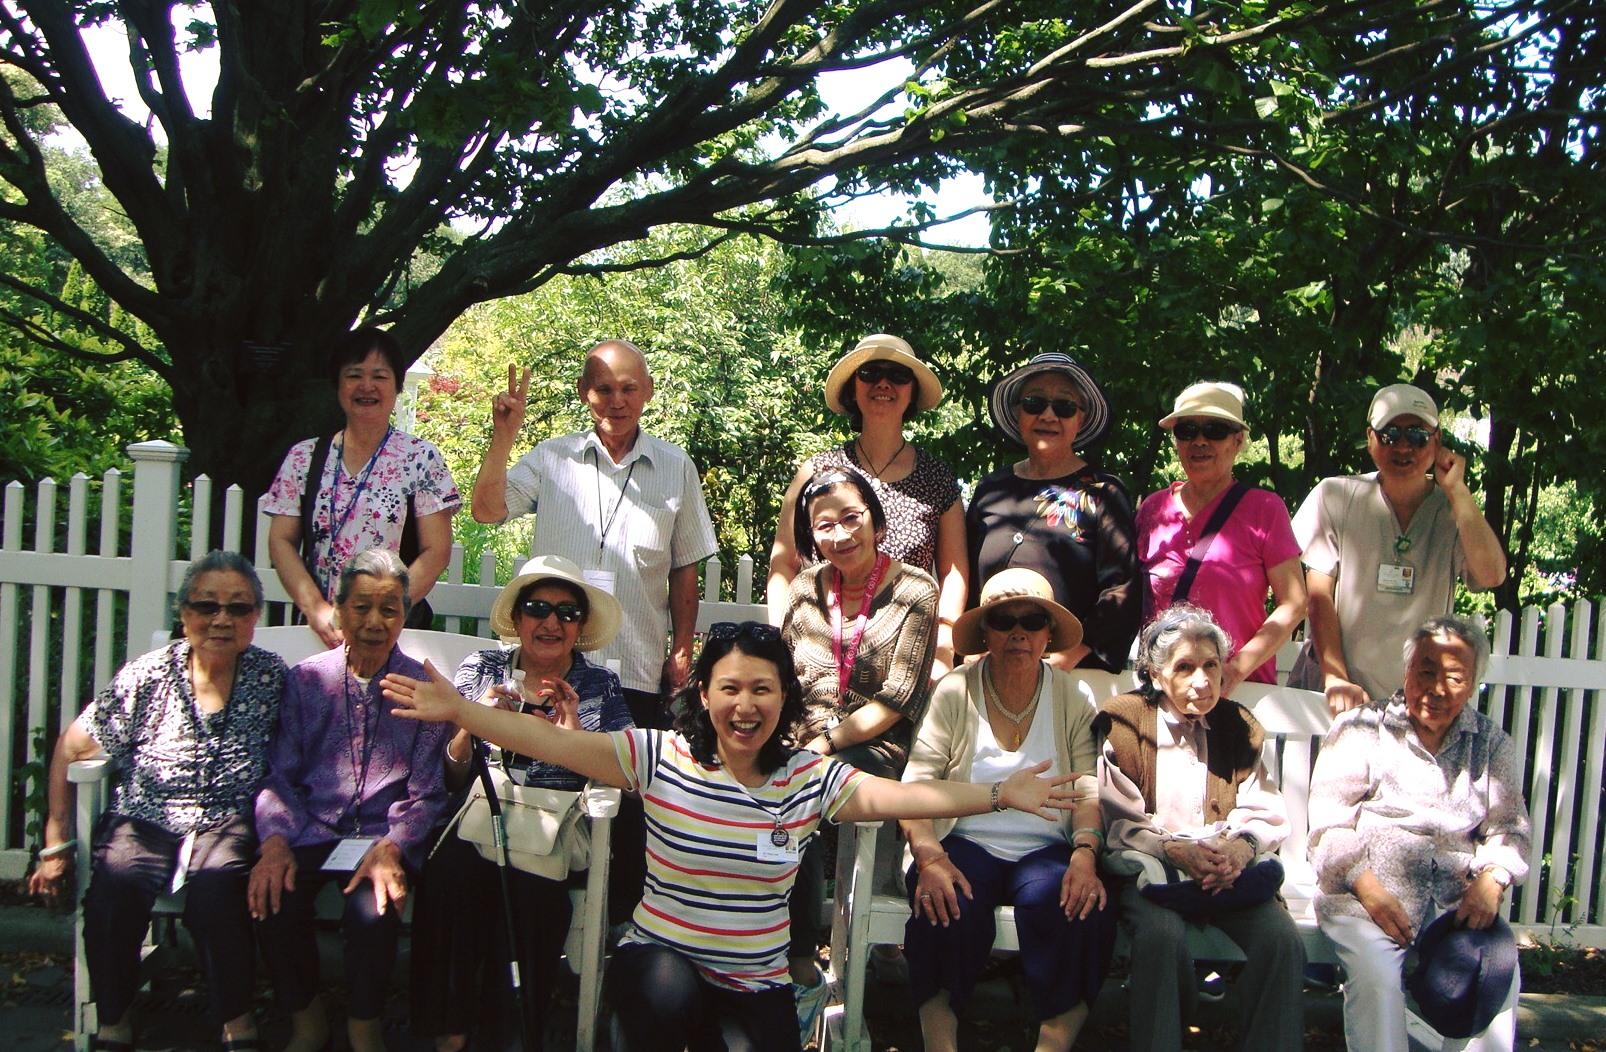 Trip to botanical garden pic 1